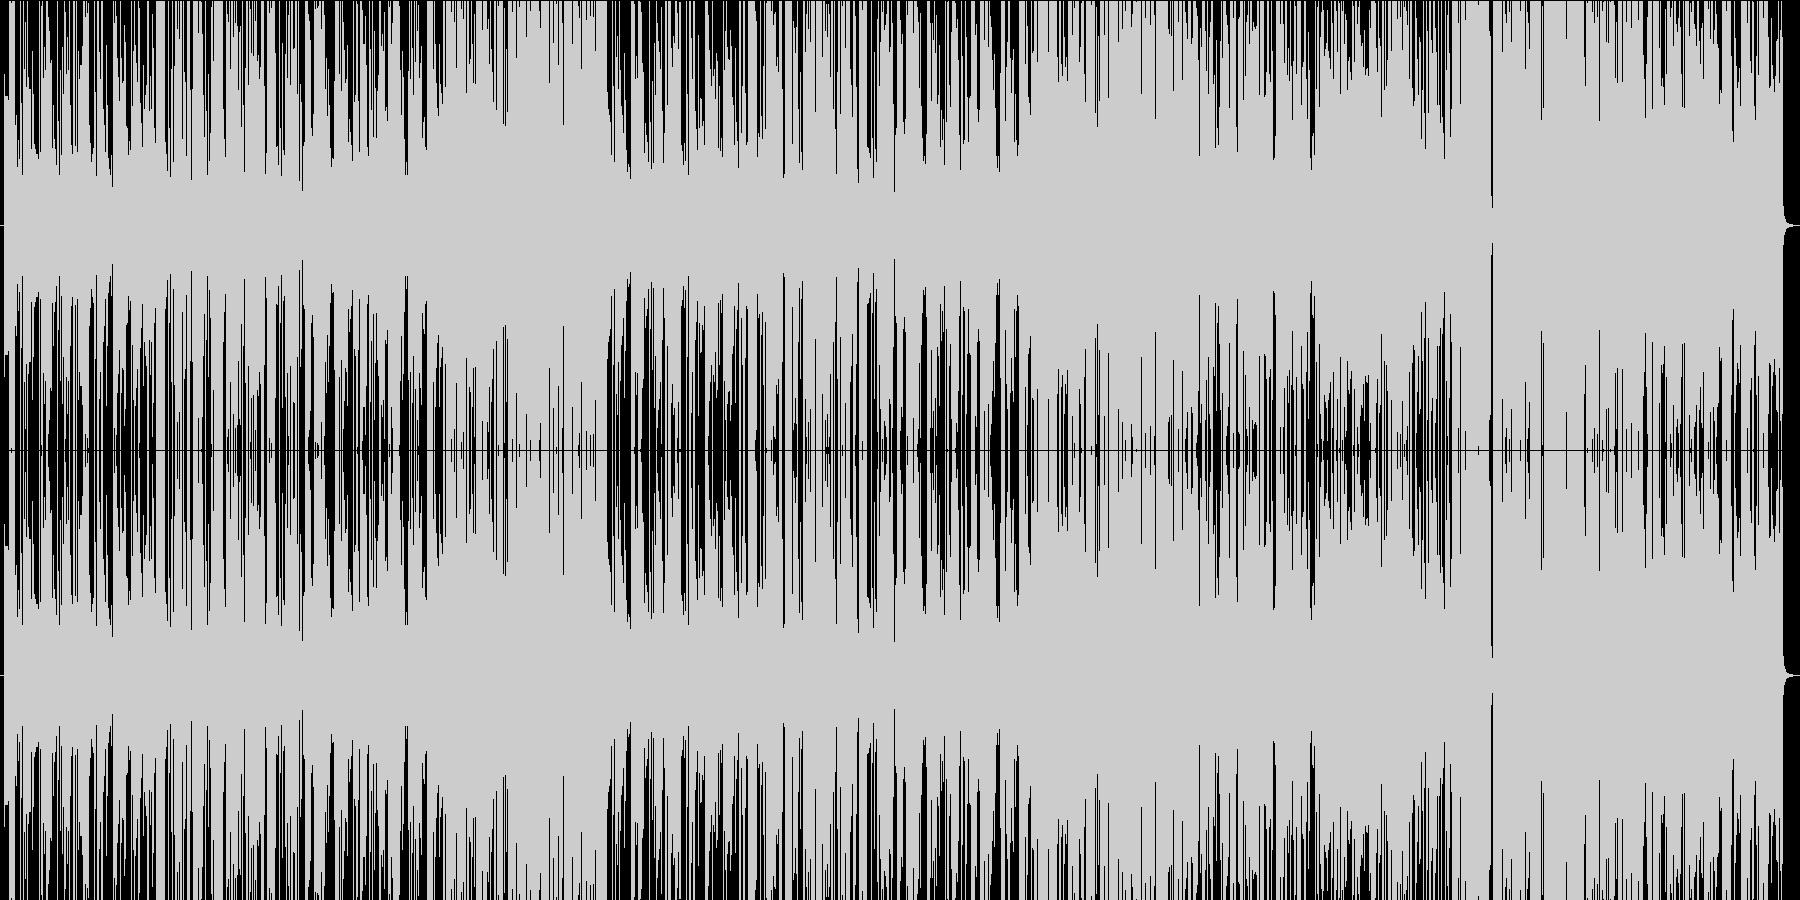 (お洒落な歌モノHIPHOP)の未再生の波形